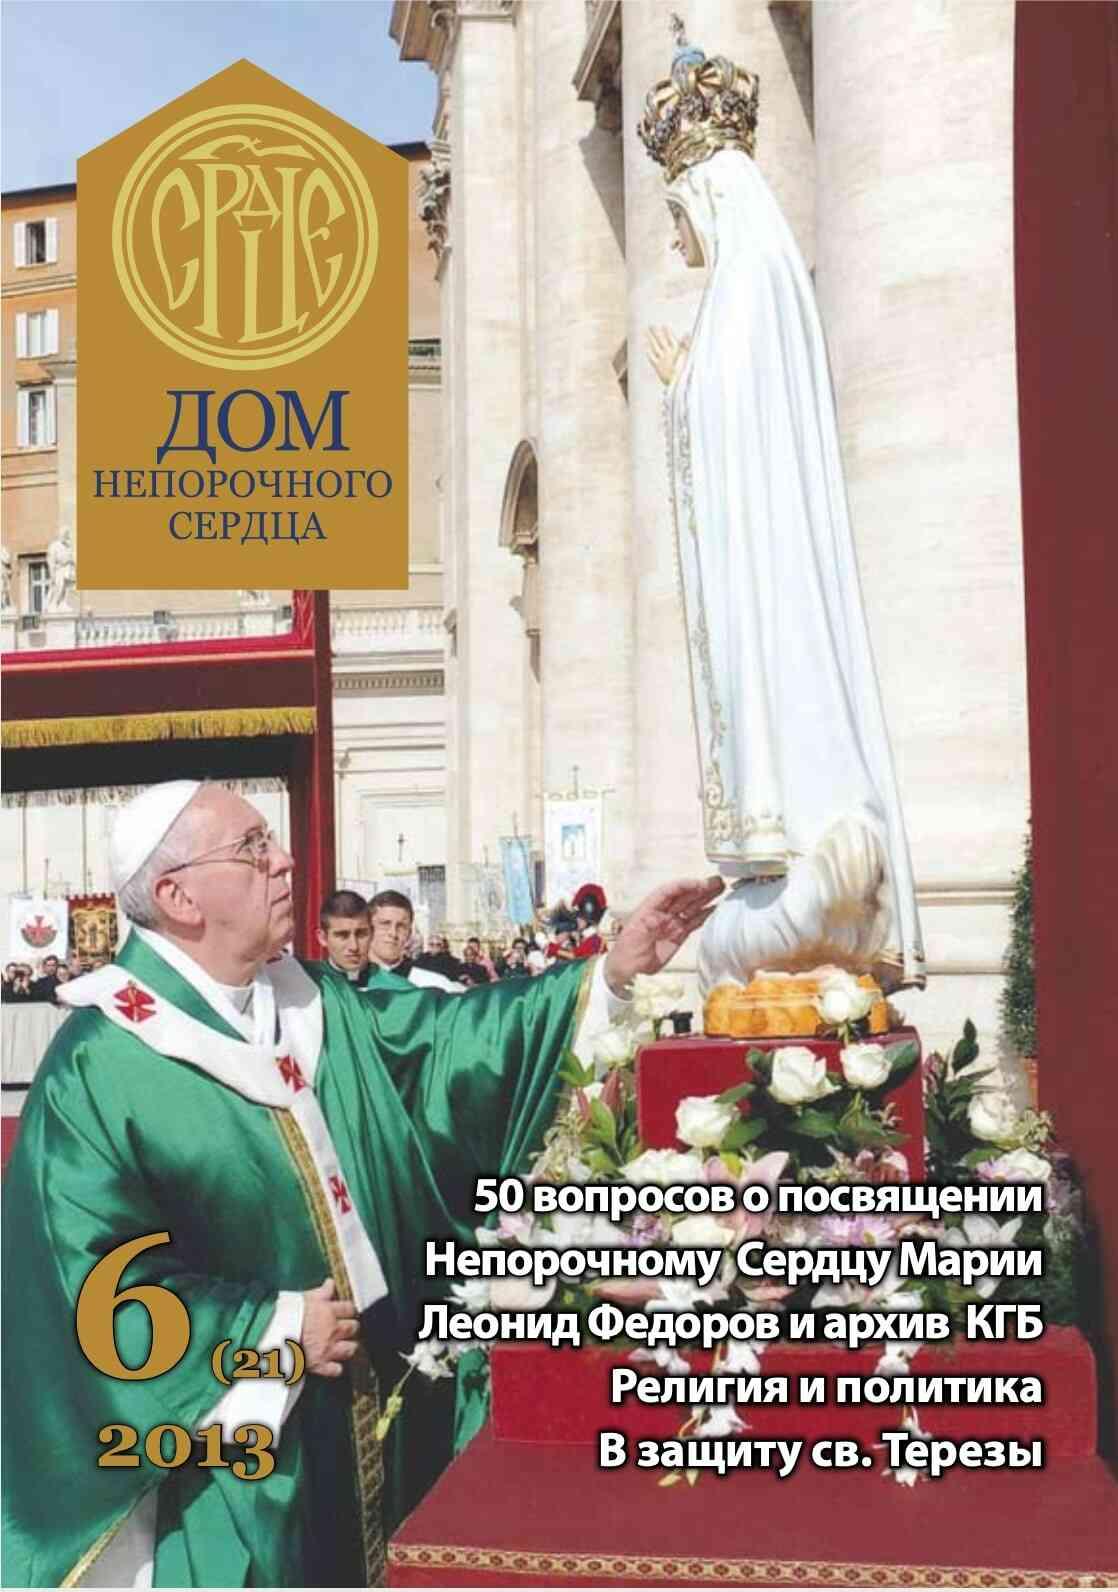 Журнал «Дом Непорочного Сердца» № 6 (21) 2013 год